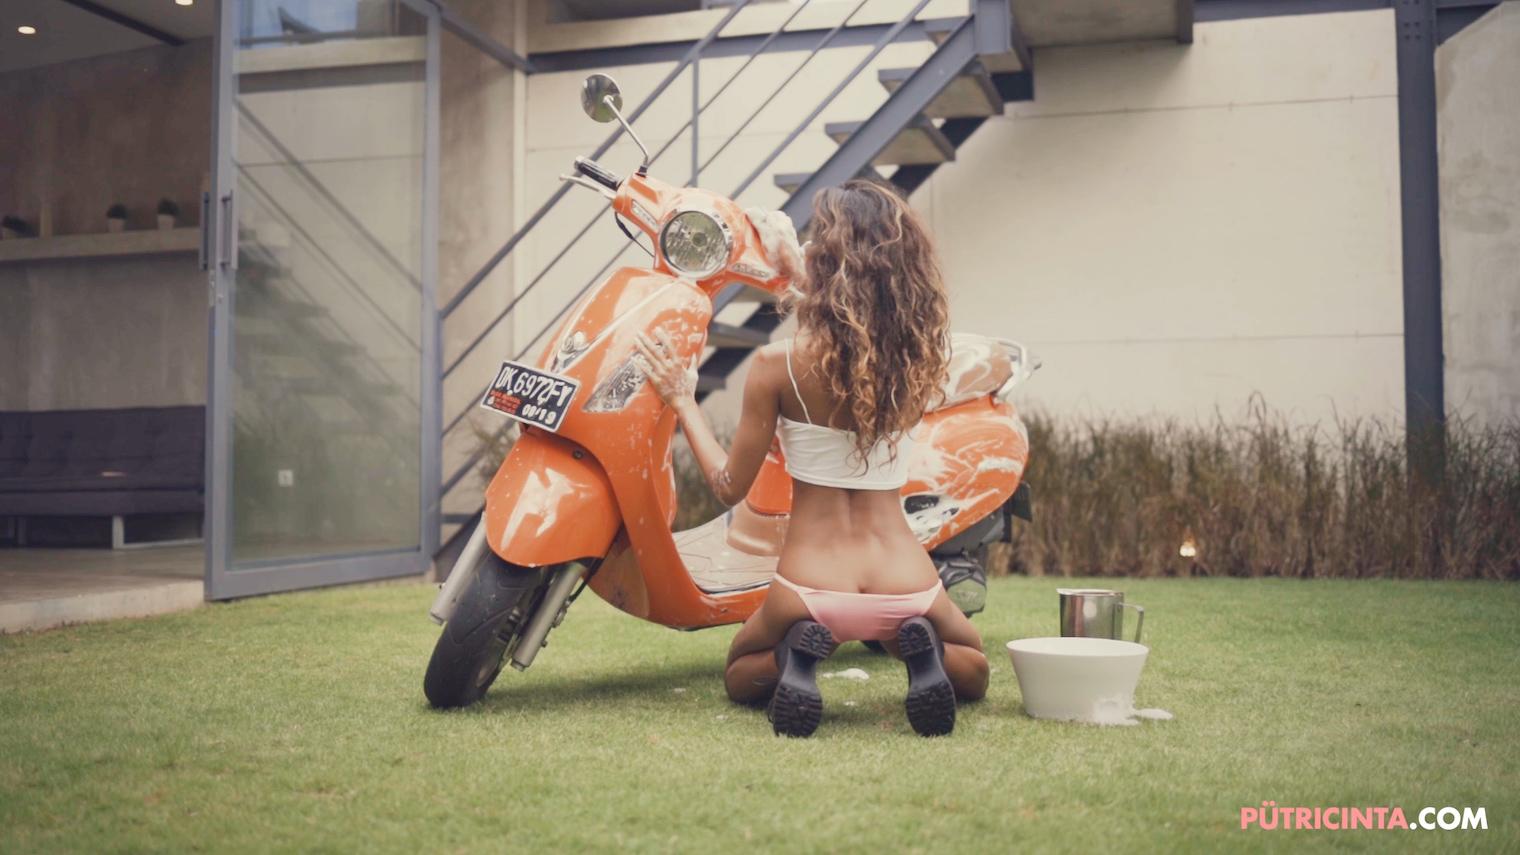 025-BikeWash-Putri-Cinta-Teaser-Stills-27.jpg